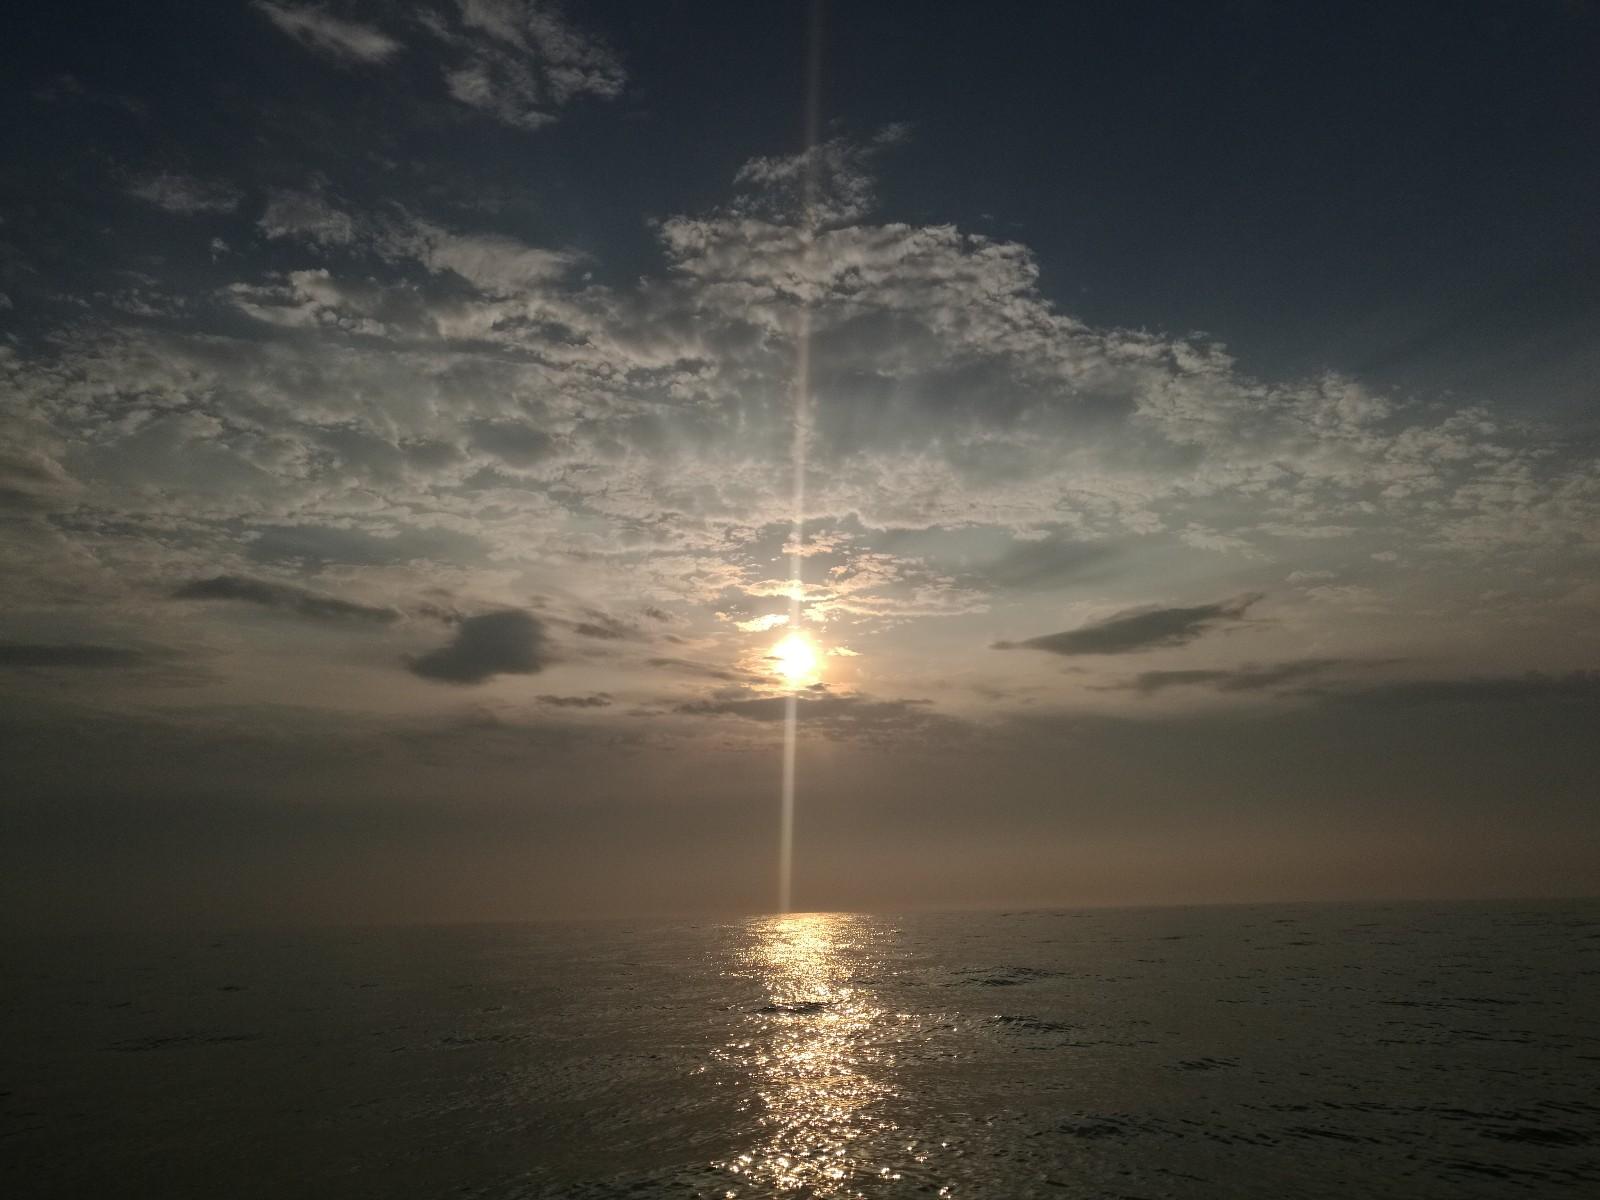 nbsp,岛屿,只能,一样,海域 真正的历练才刚刚开始,航海就是挑战自己——唐山号返航记(中篇)  102940tsnonmly